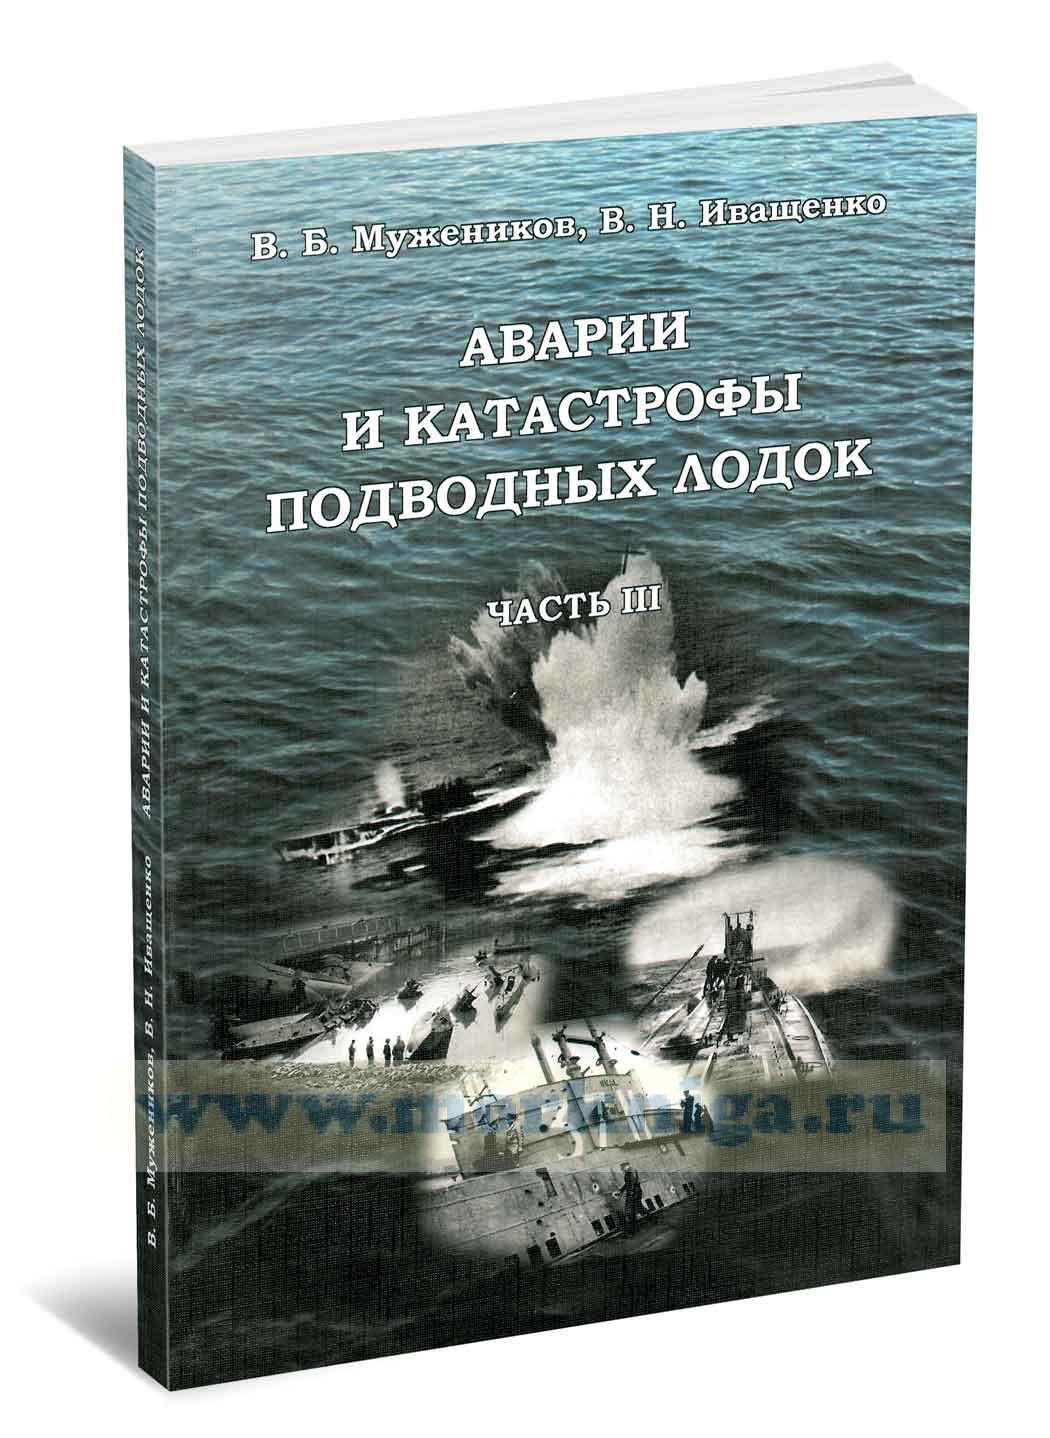 Аварии и катастрофы подводных лодок. Часть III